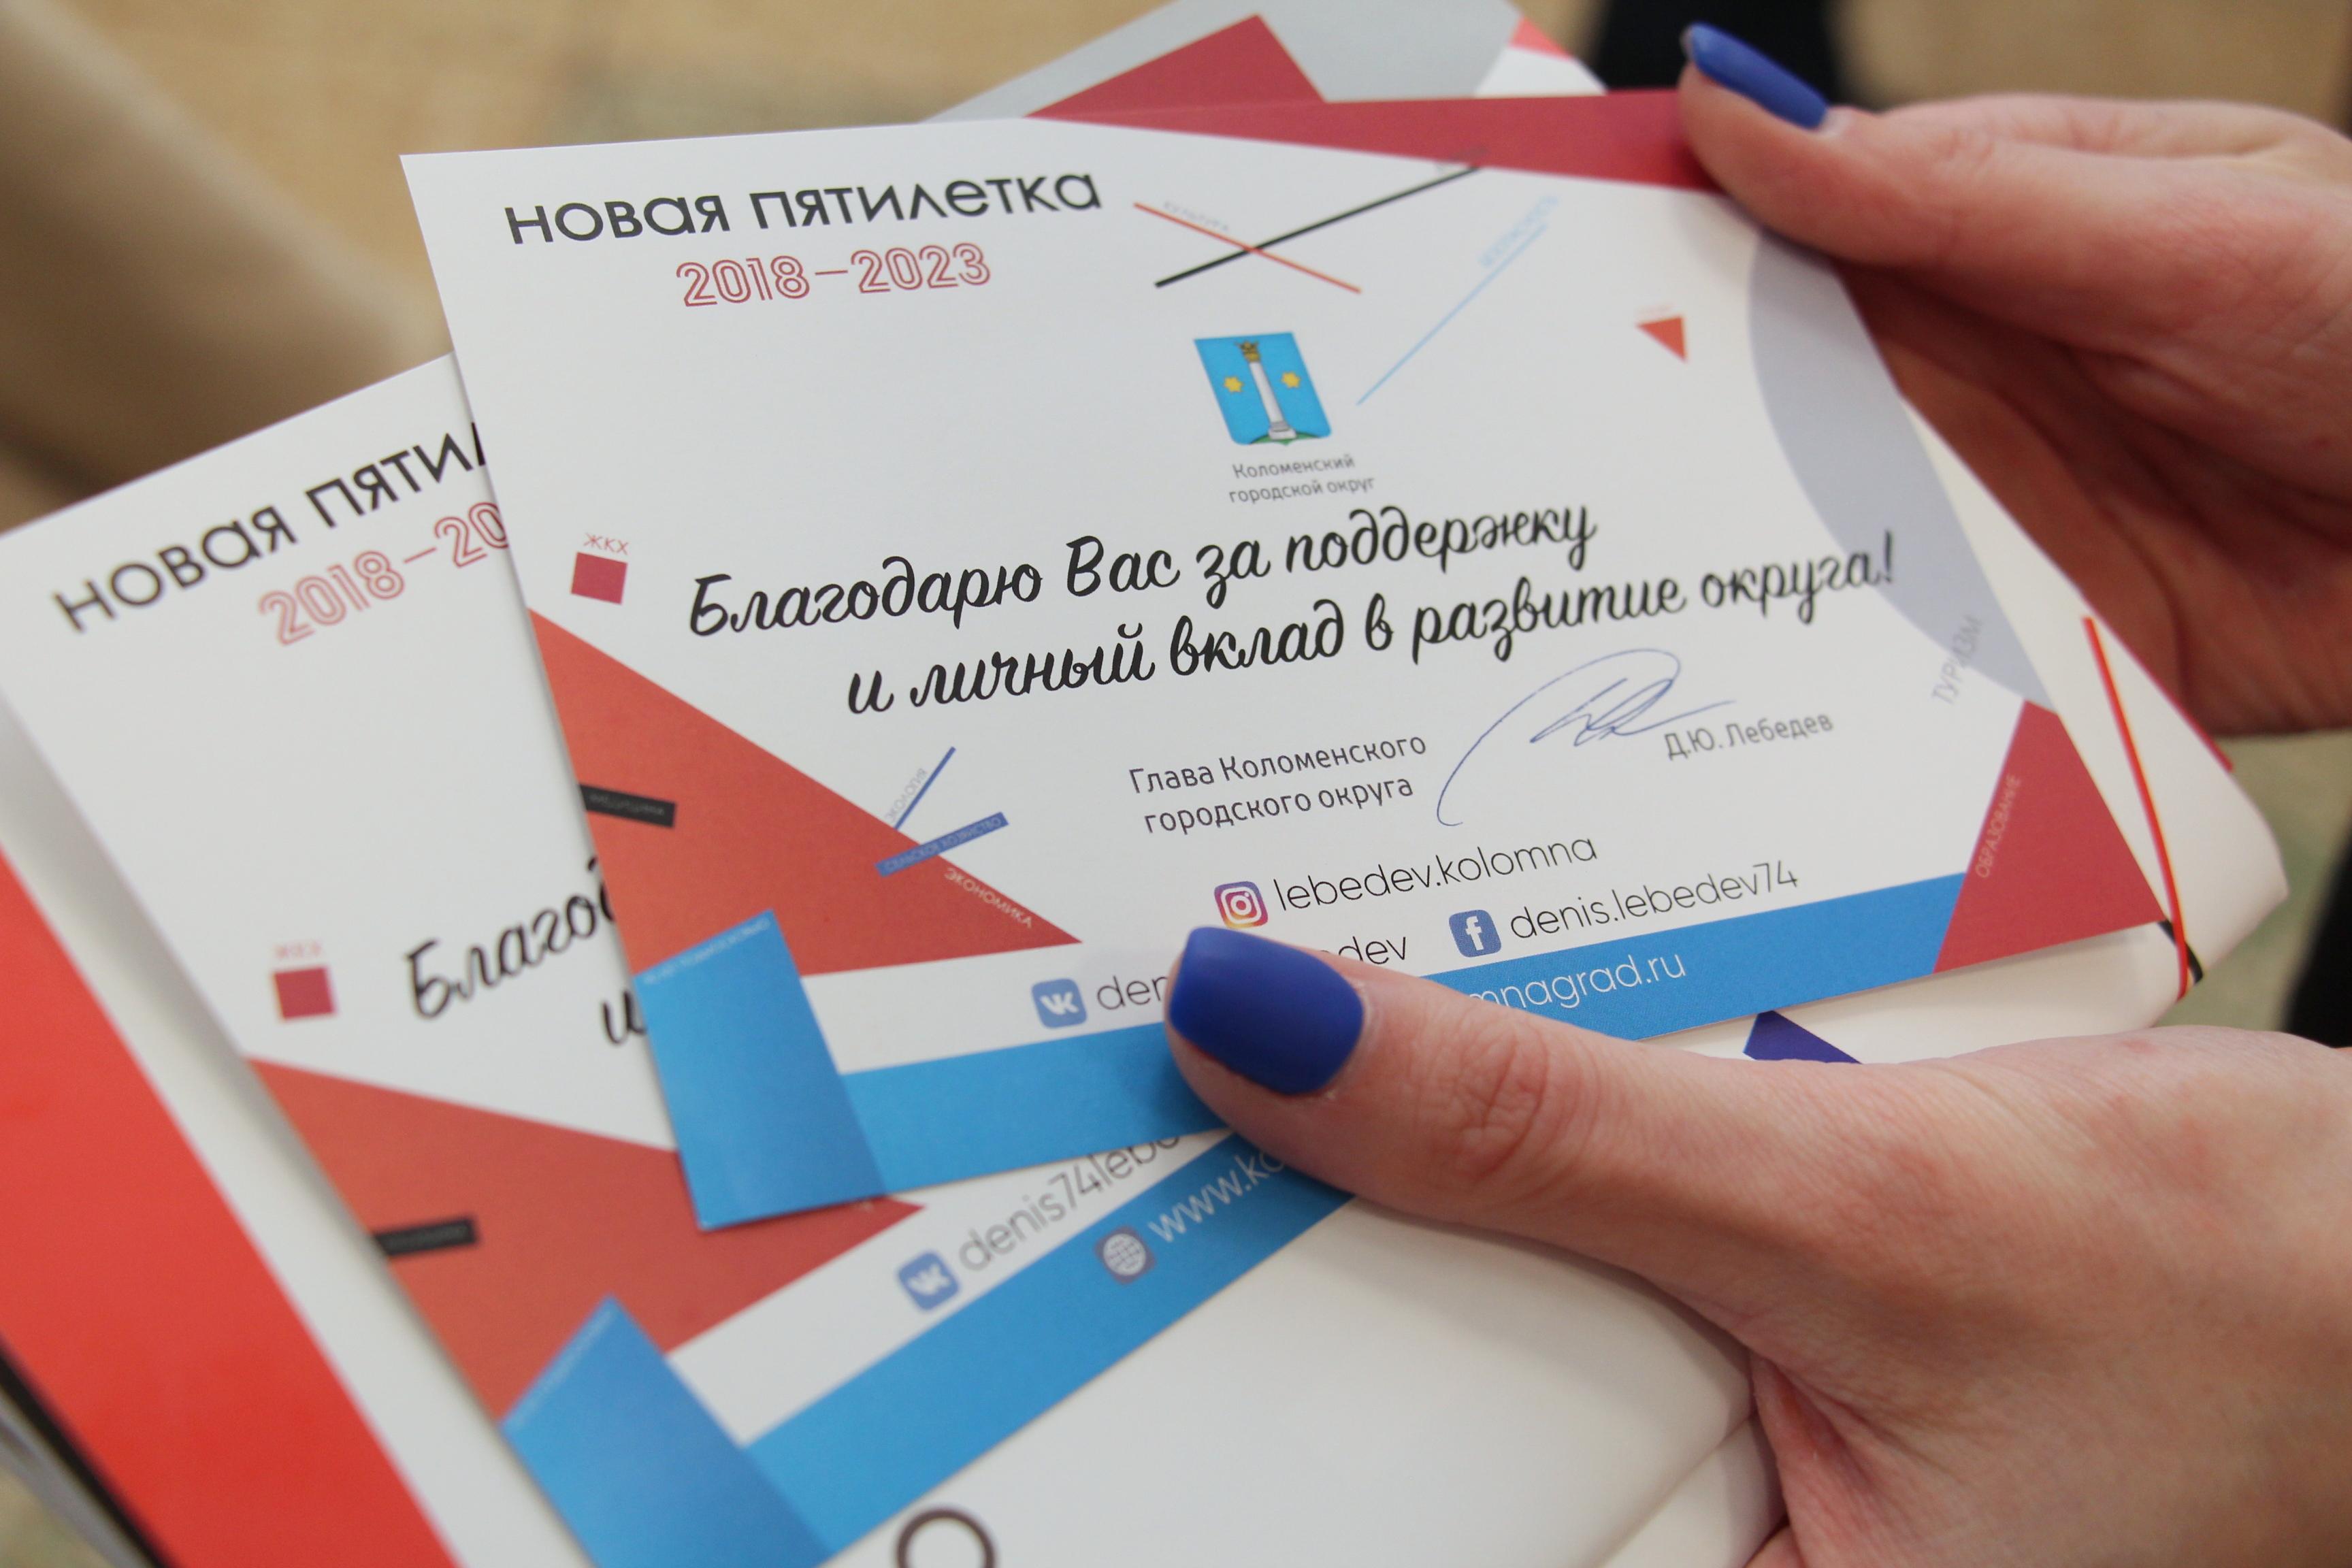 Депутаты Коломенского городского округа прокомментировали итоги социально-экономического развития муниципалитета за 2018 год